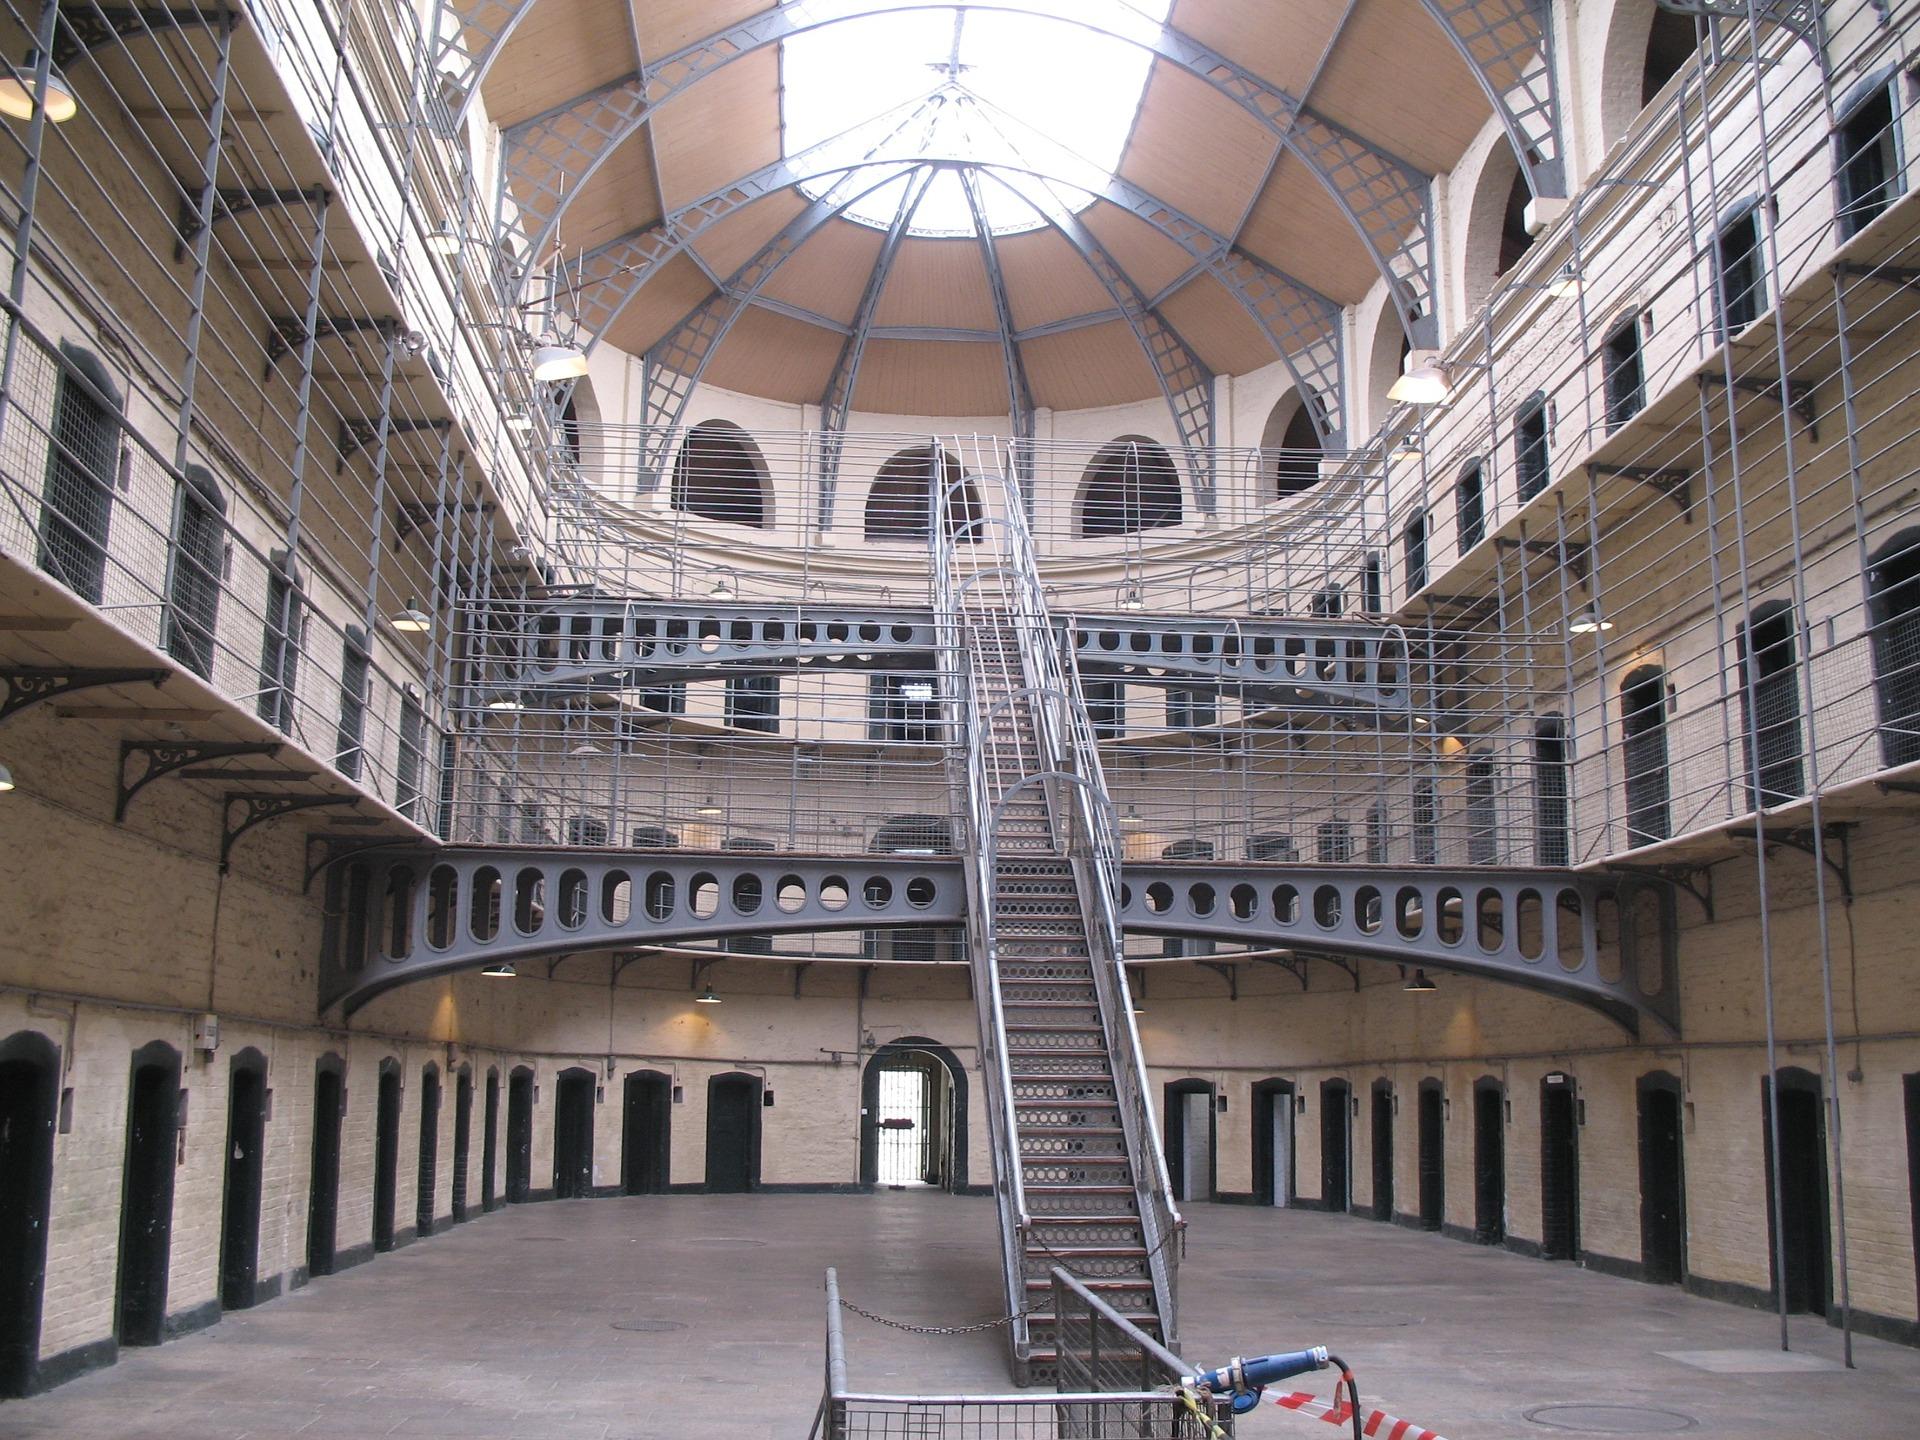 jail-831270_1920